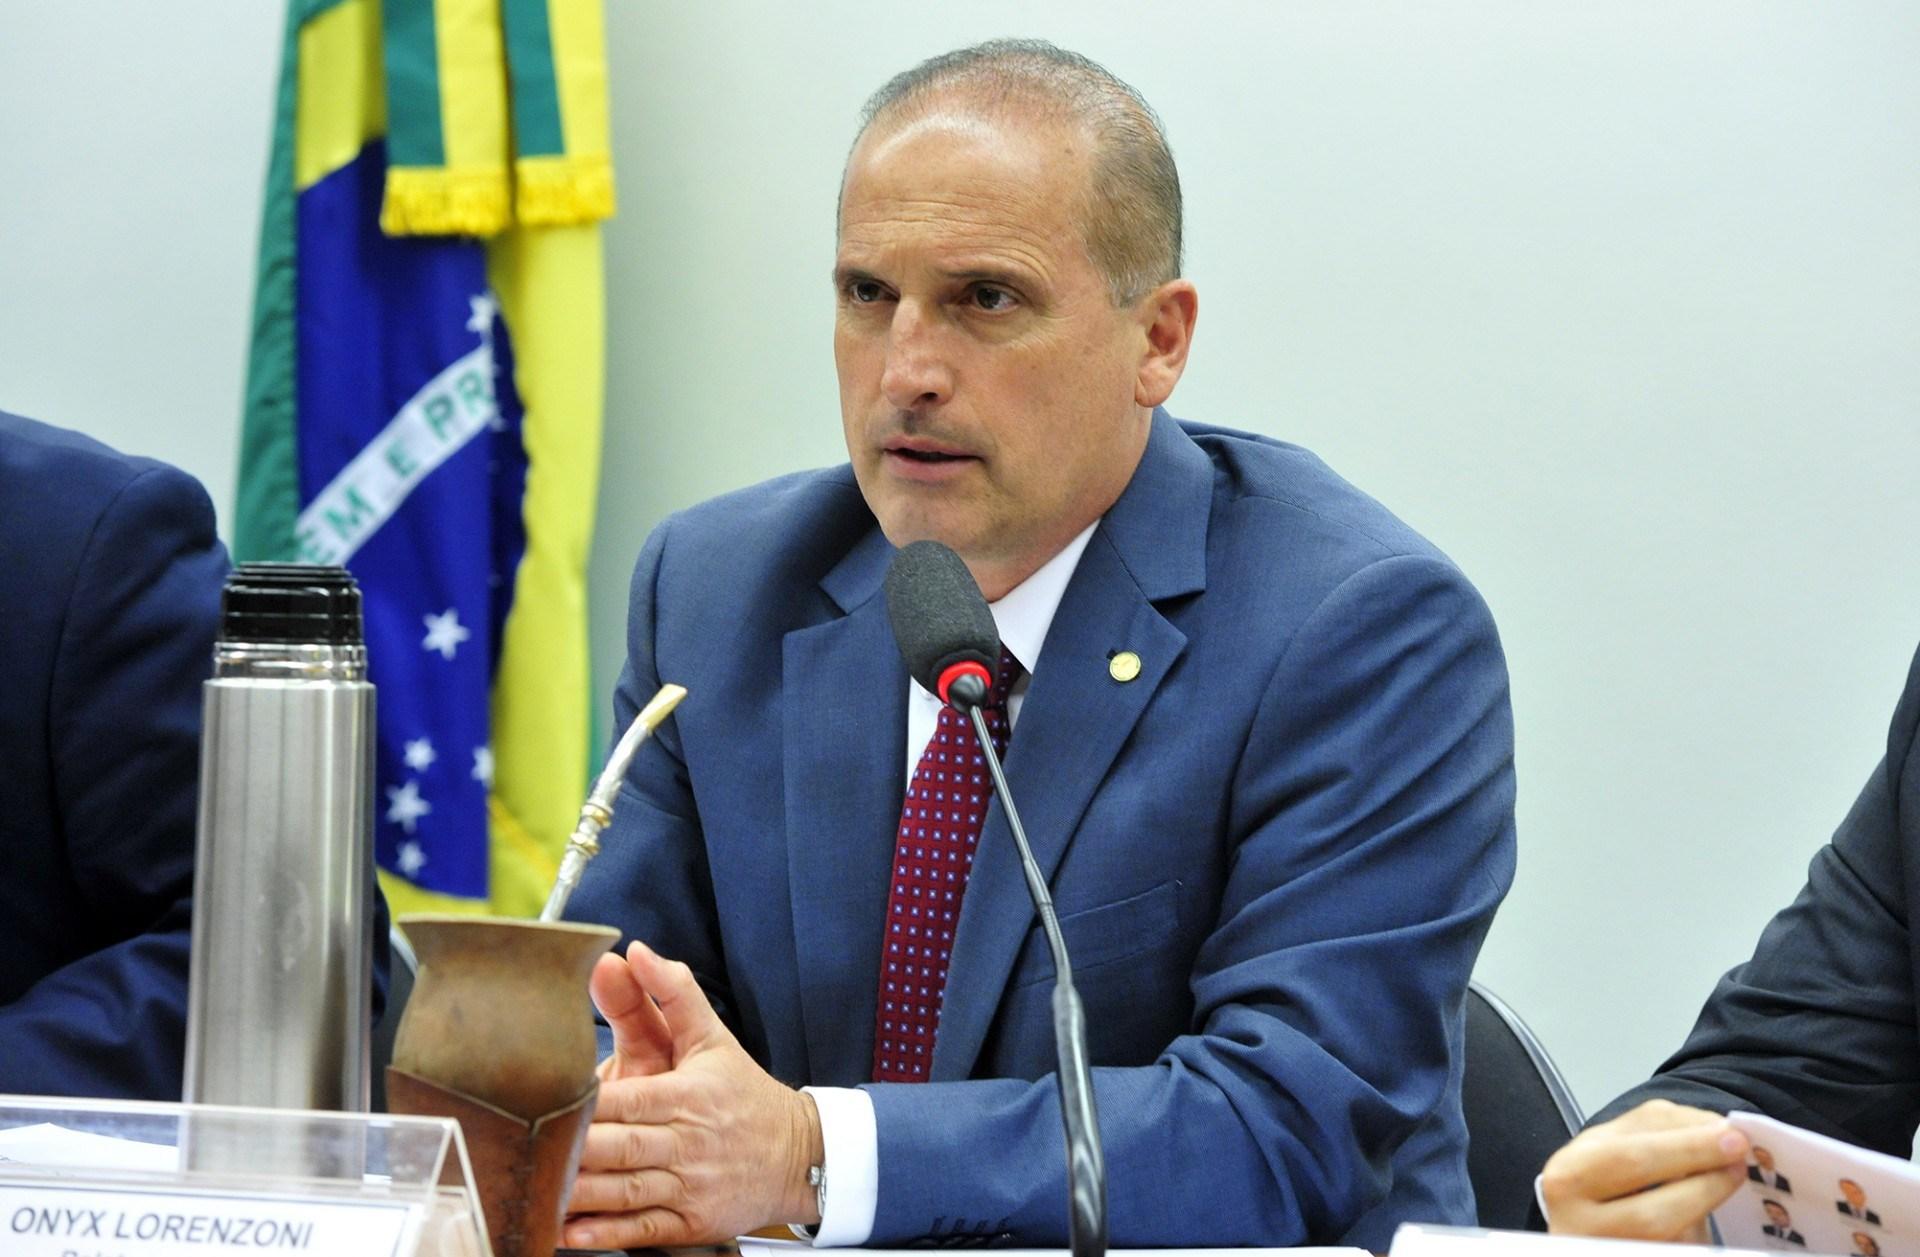 SERÃO 15 MINISTÉRIOS, REVELA ONYX